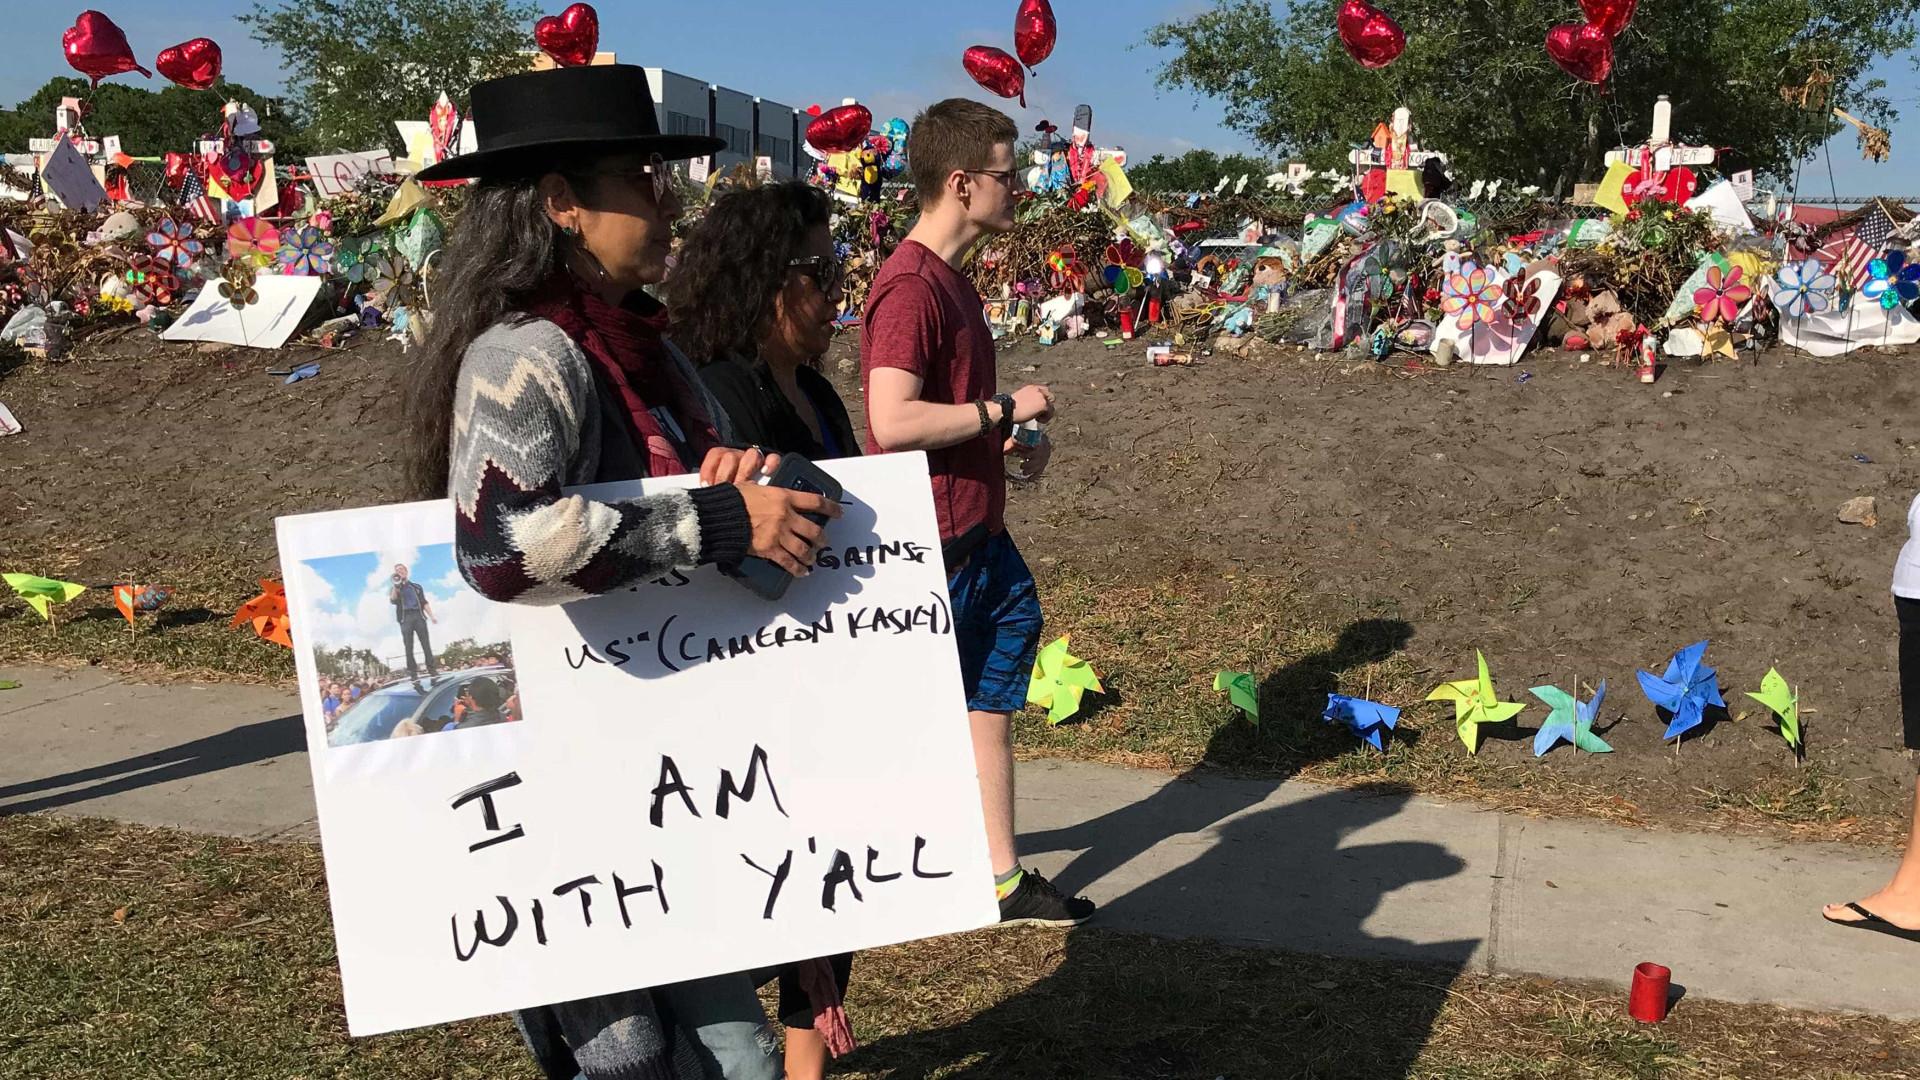 Um mês após tragédia em escola da Flórida estudantes fazem protesto